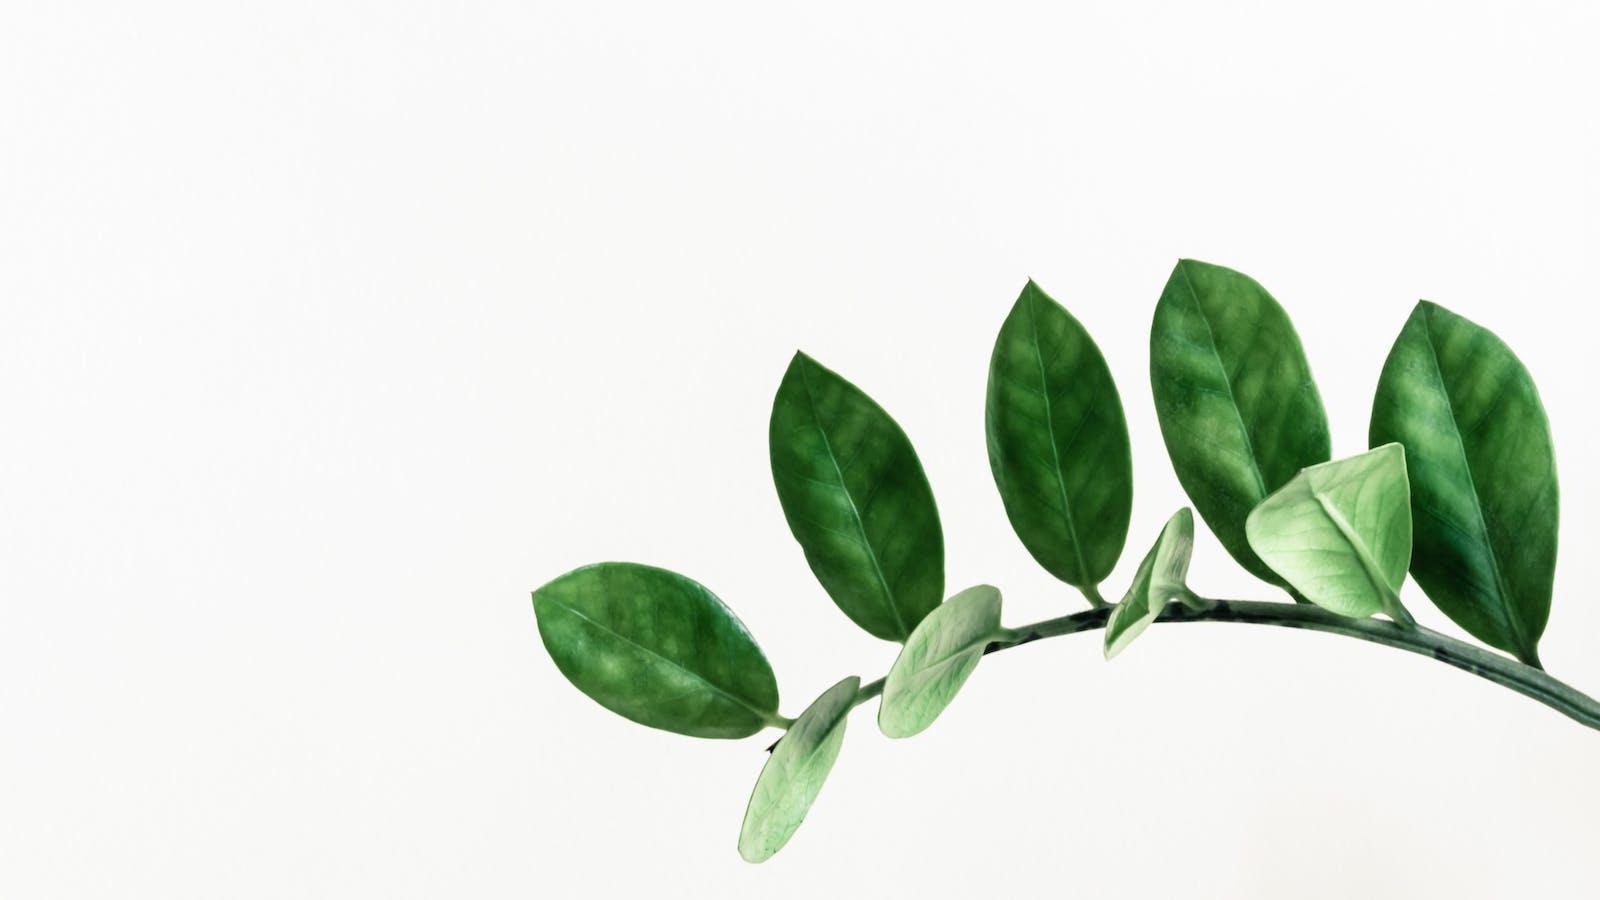 Branche d'une plante verte sur un fond blanc